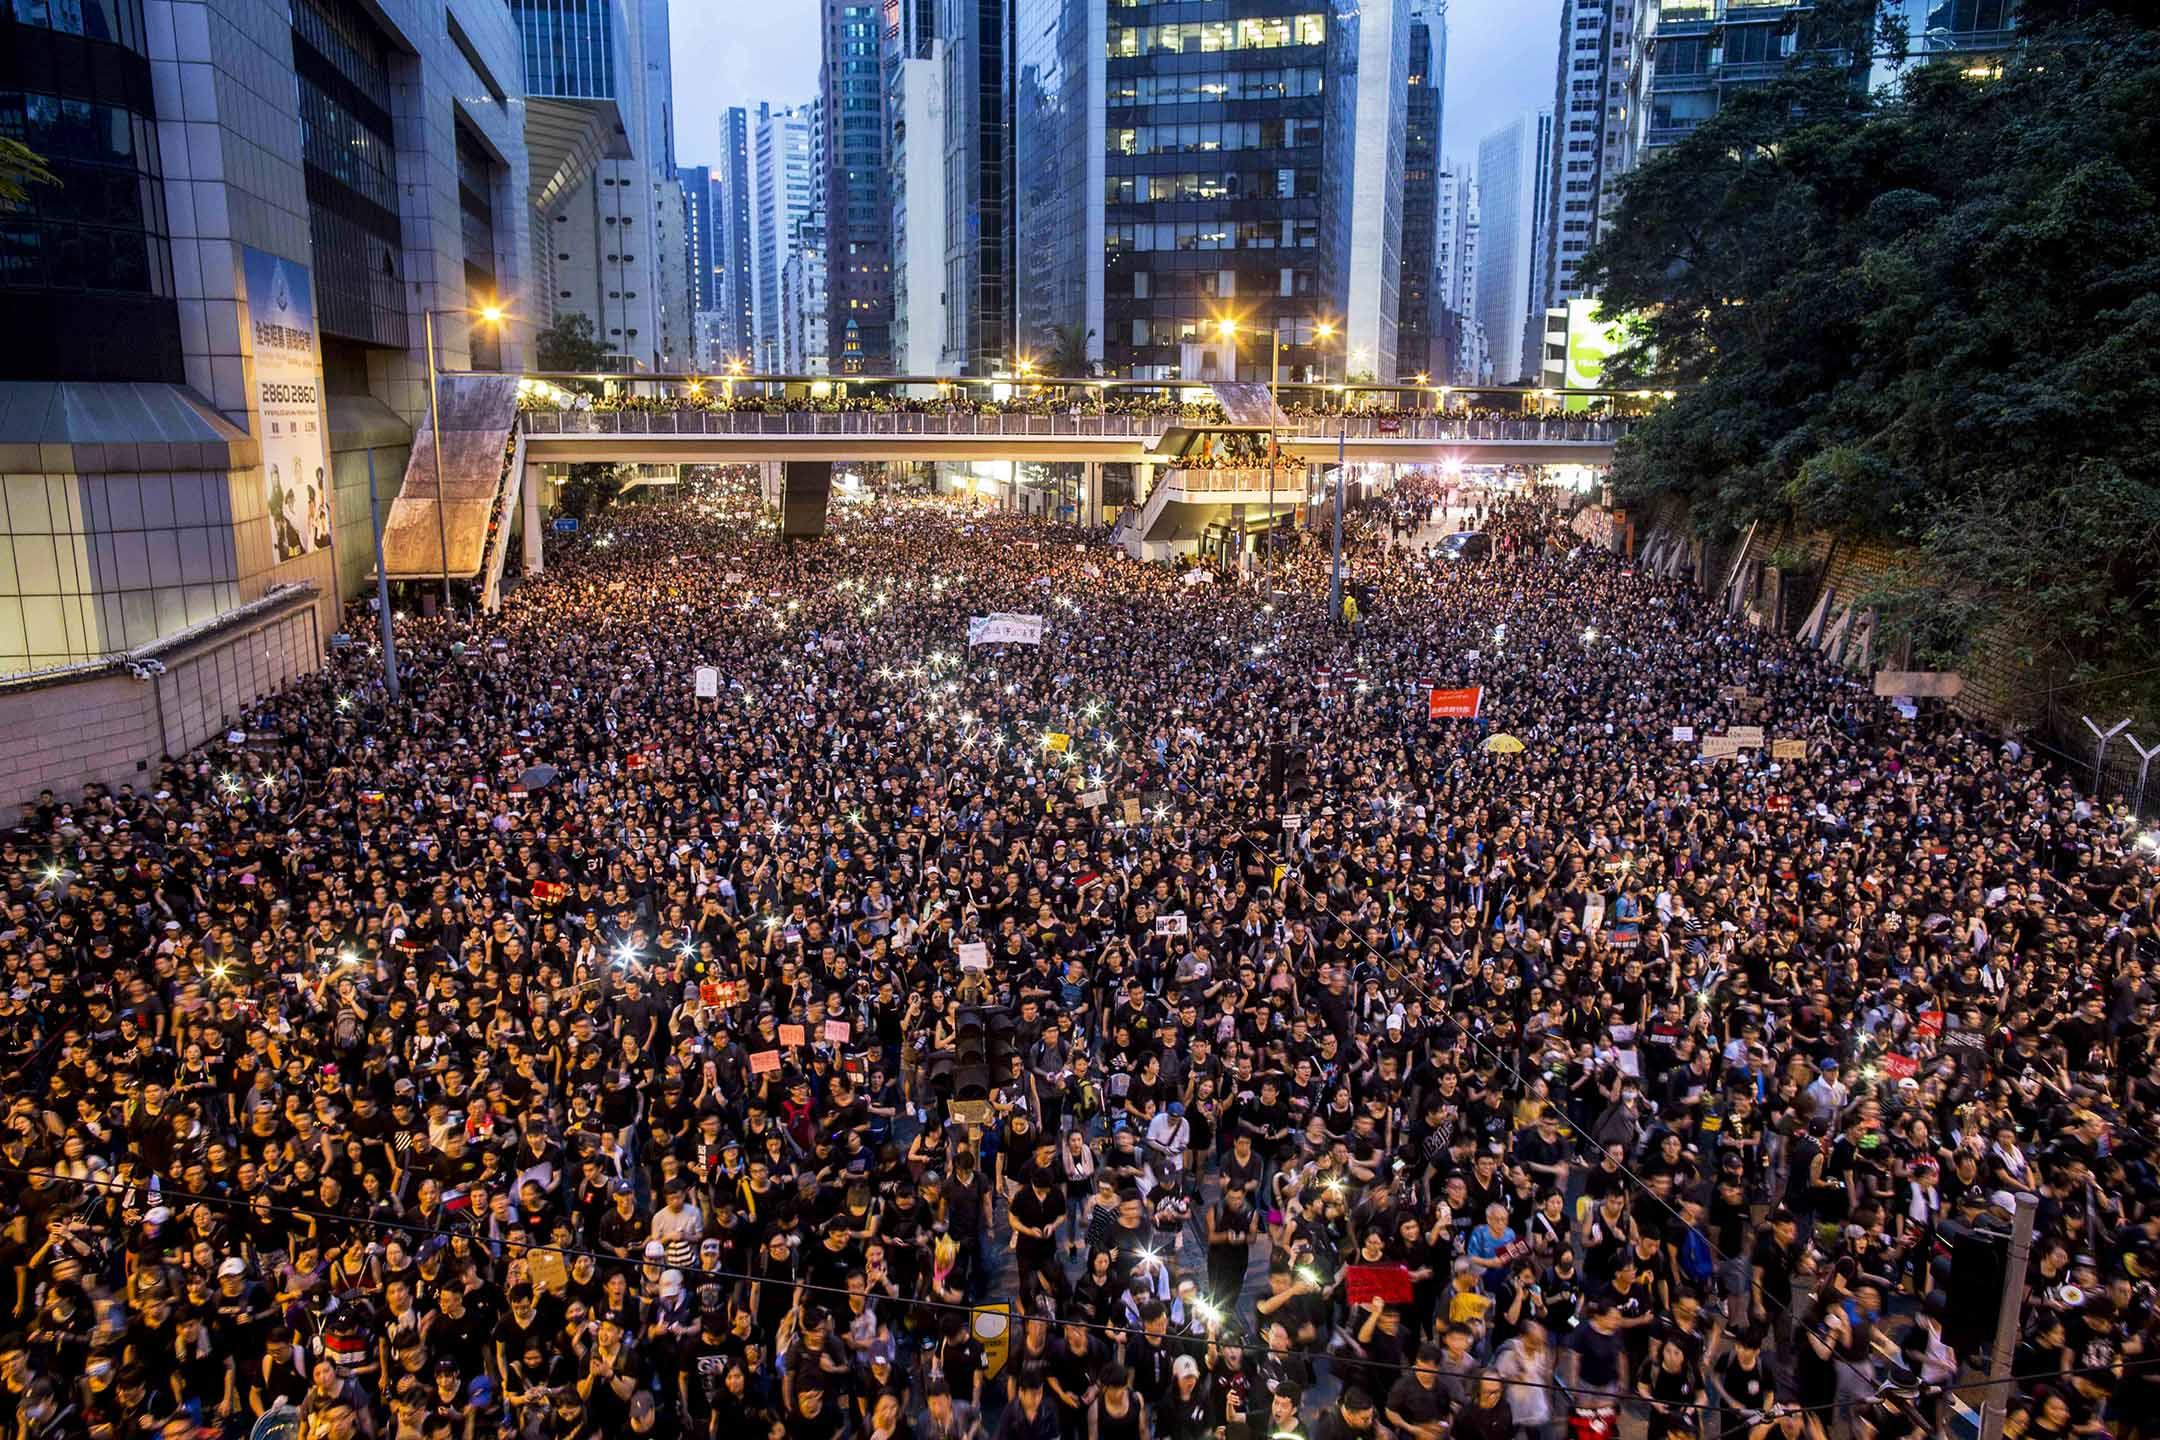 2019年6月16日,香港民陣發起第四次反對《逃犯條例》修訂大遊行,有200萬人參與。 攝:林振東/端傳媒